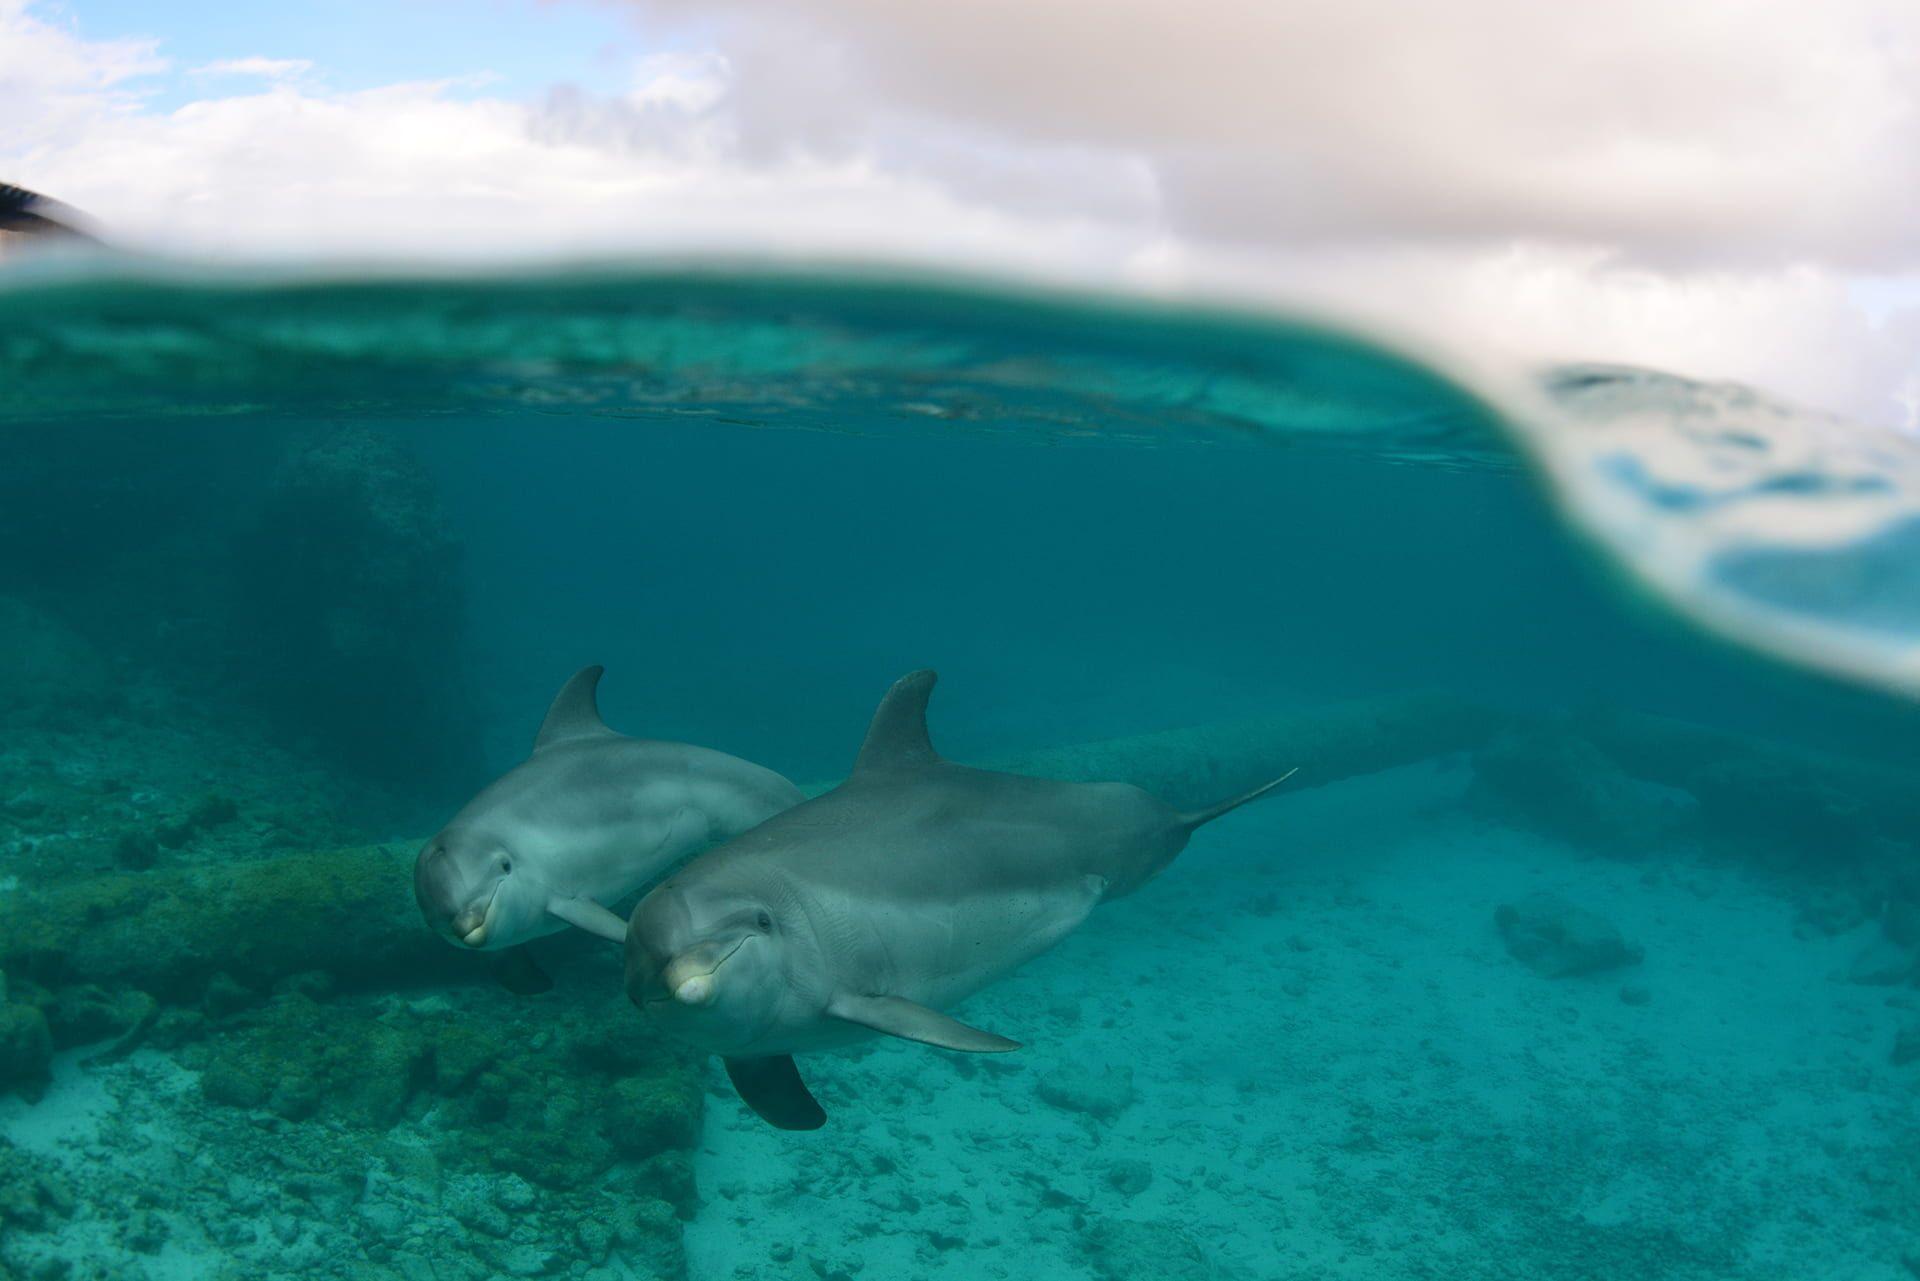 Una imagen submarina de dos delfines nadando.